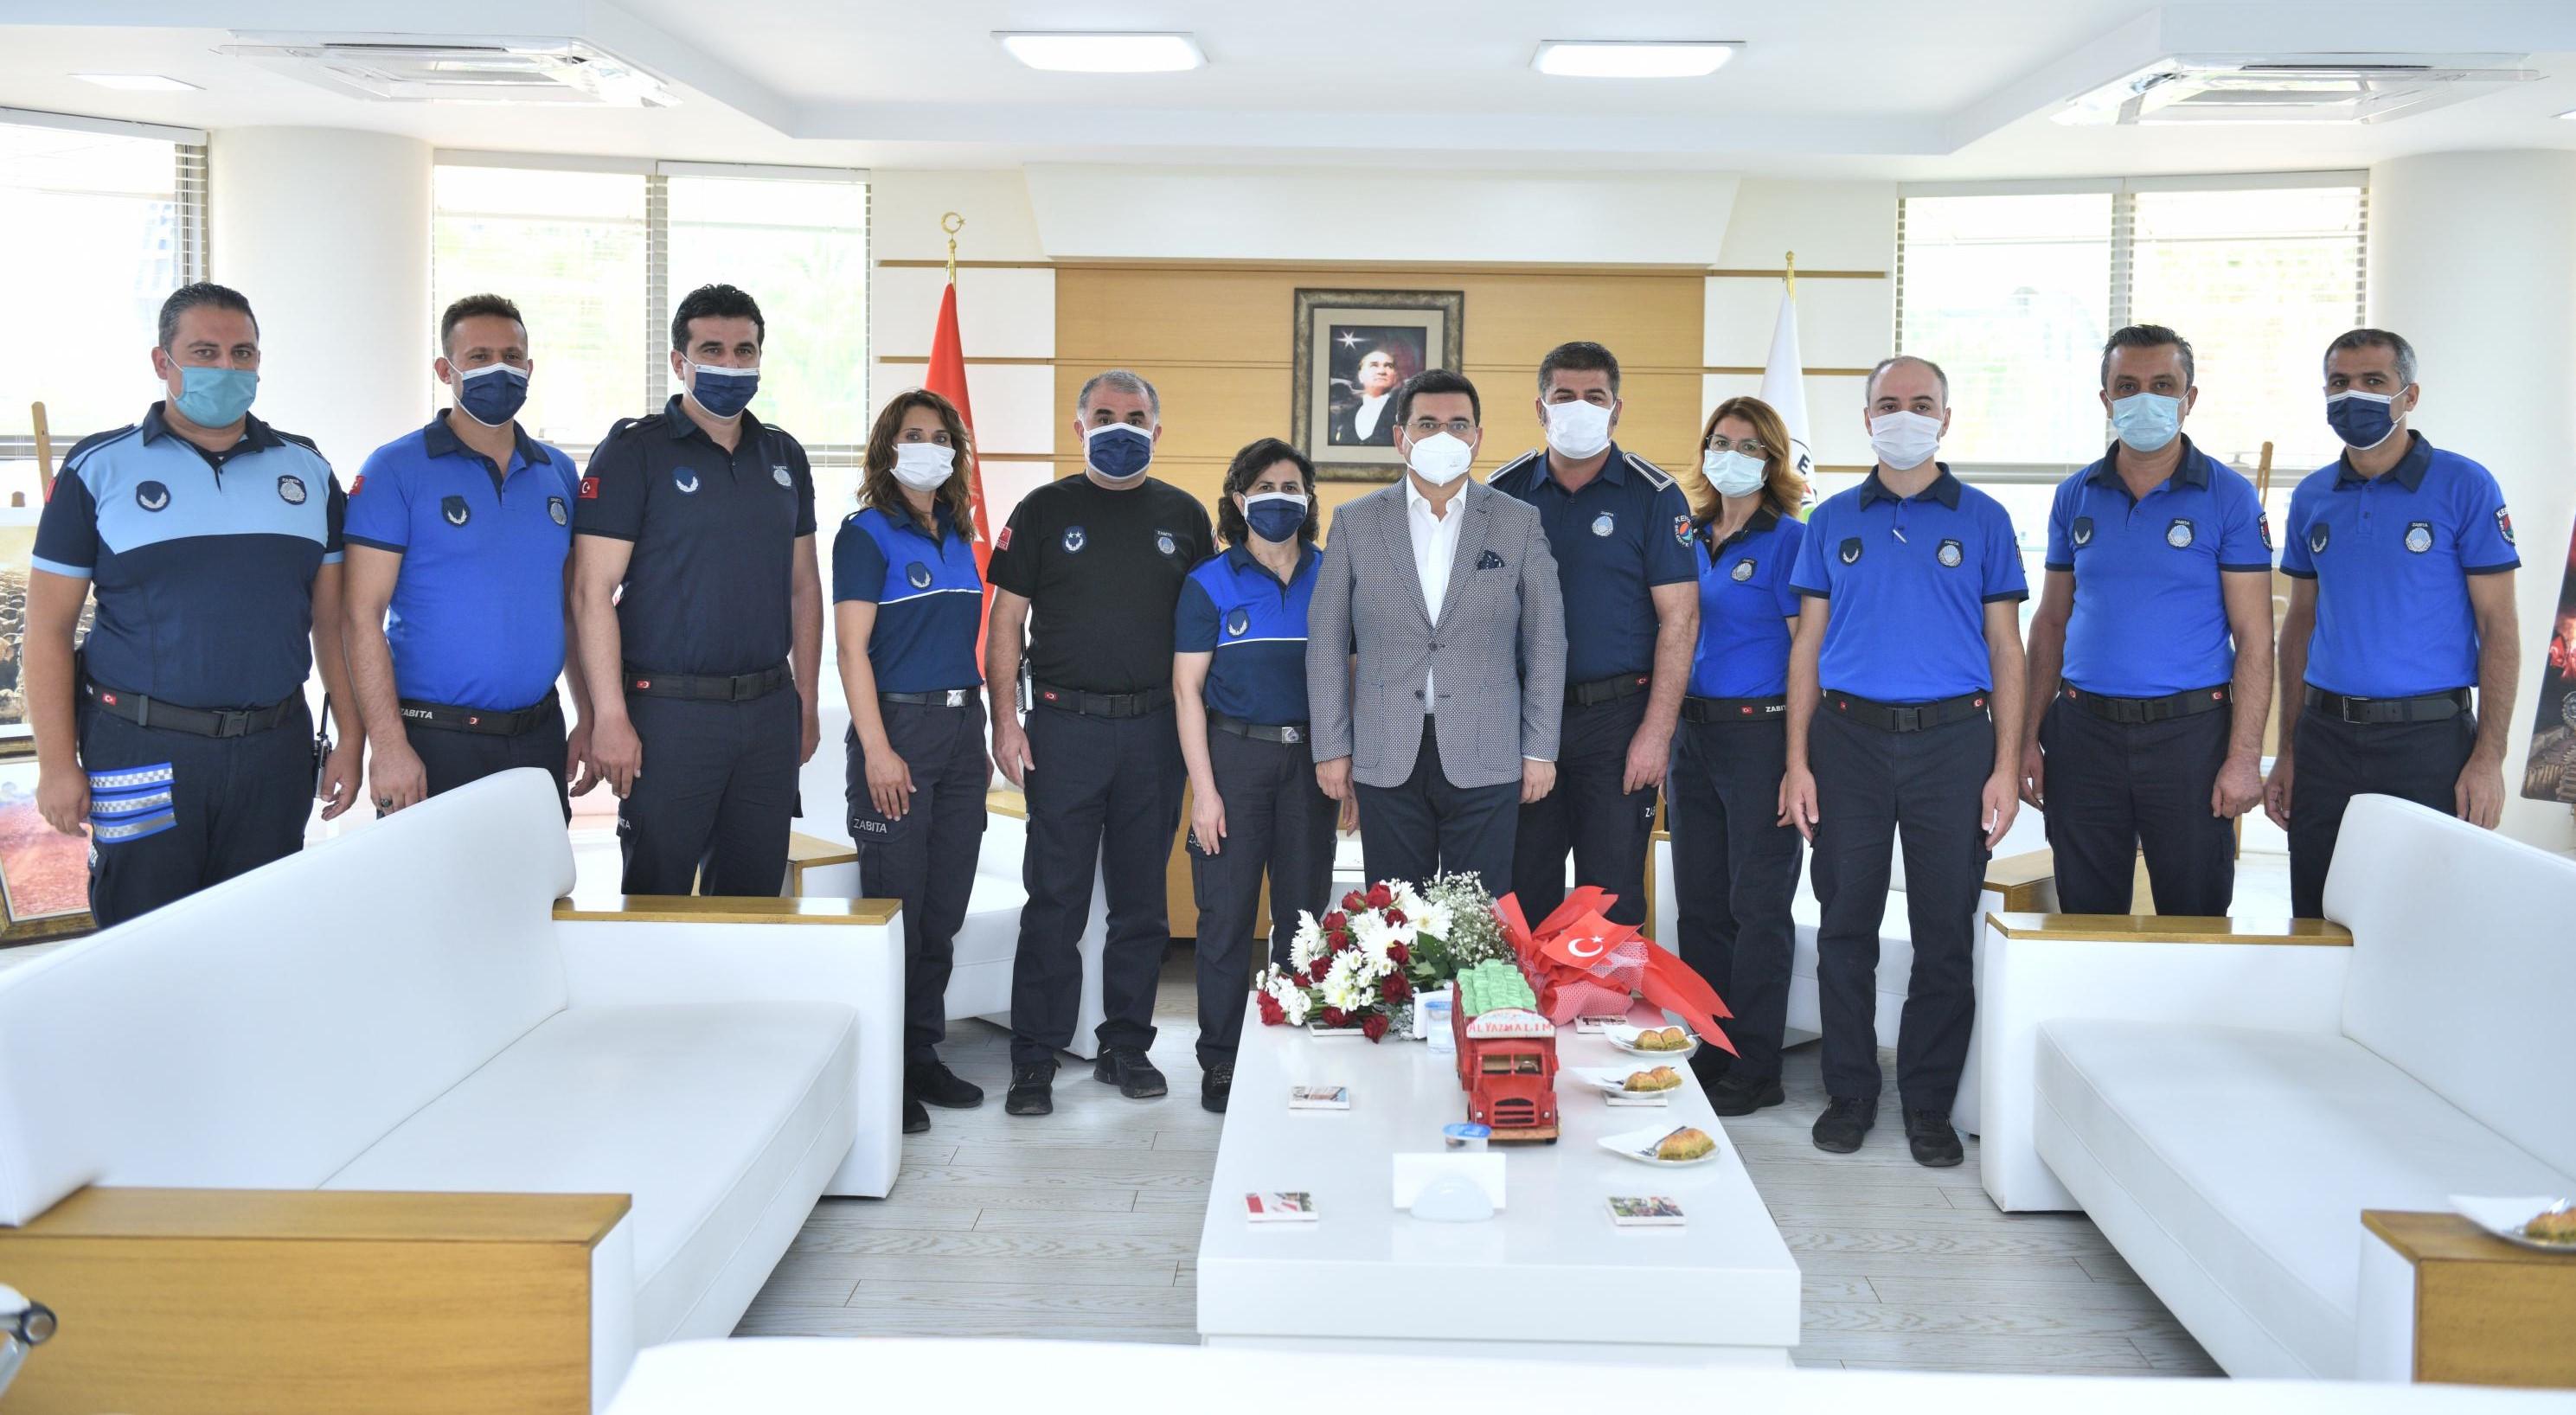 Tütüncü, Zabıta Teşkilatının kuruluş yıl dönümünü kutladı